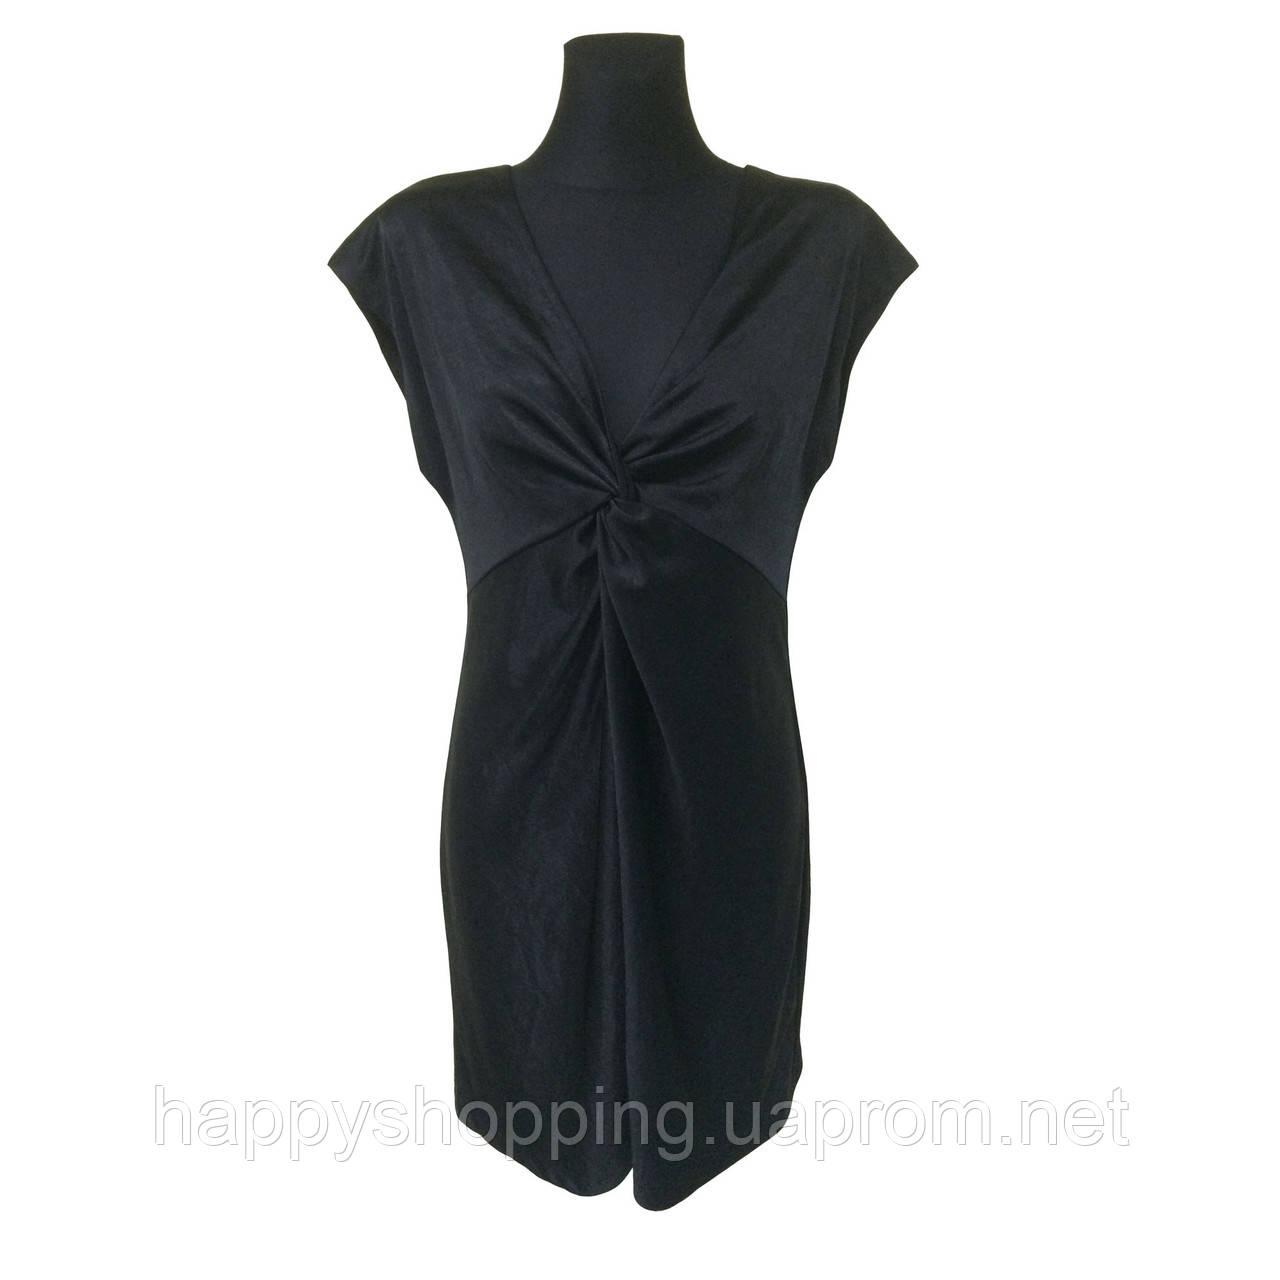 Черное платье H&M с декольте